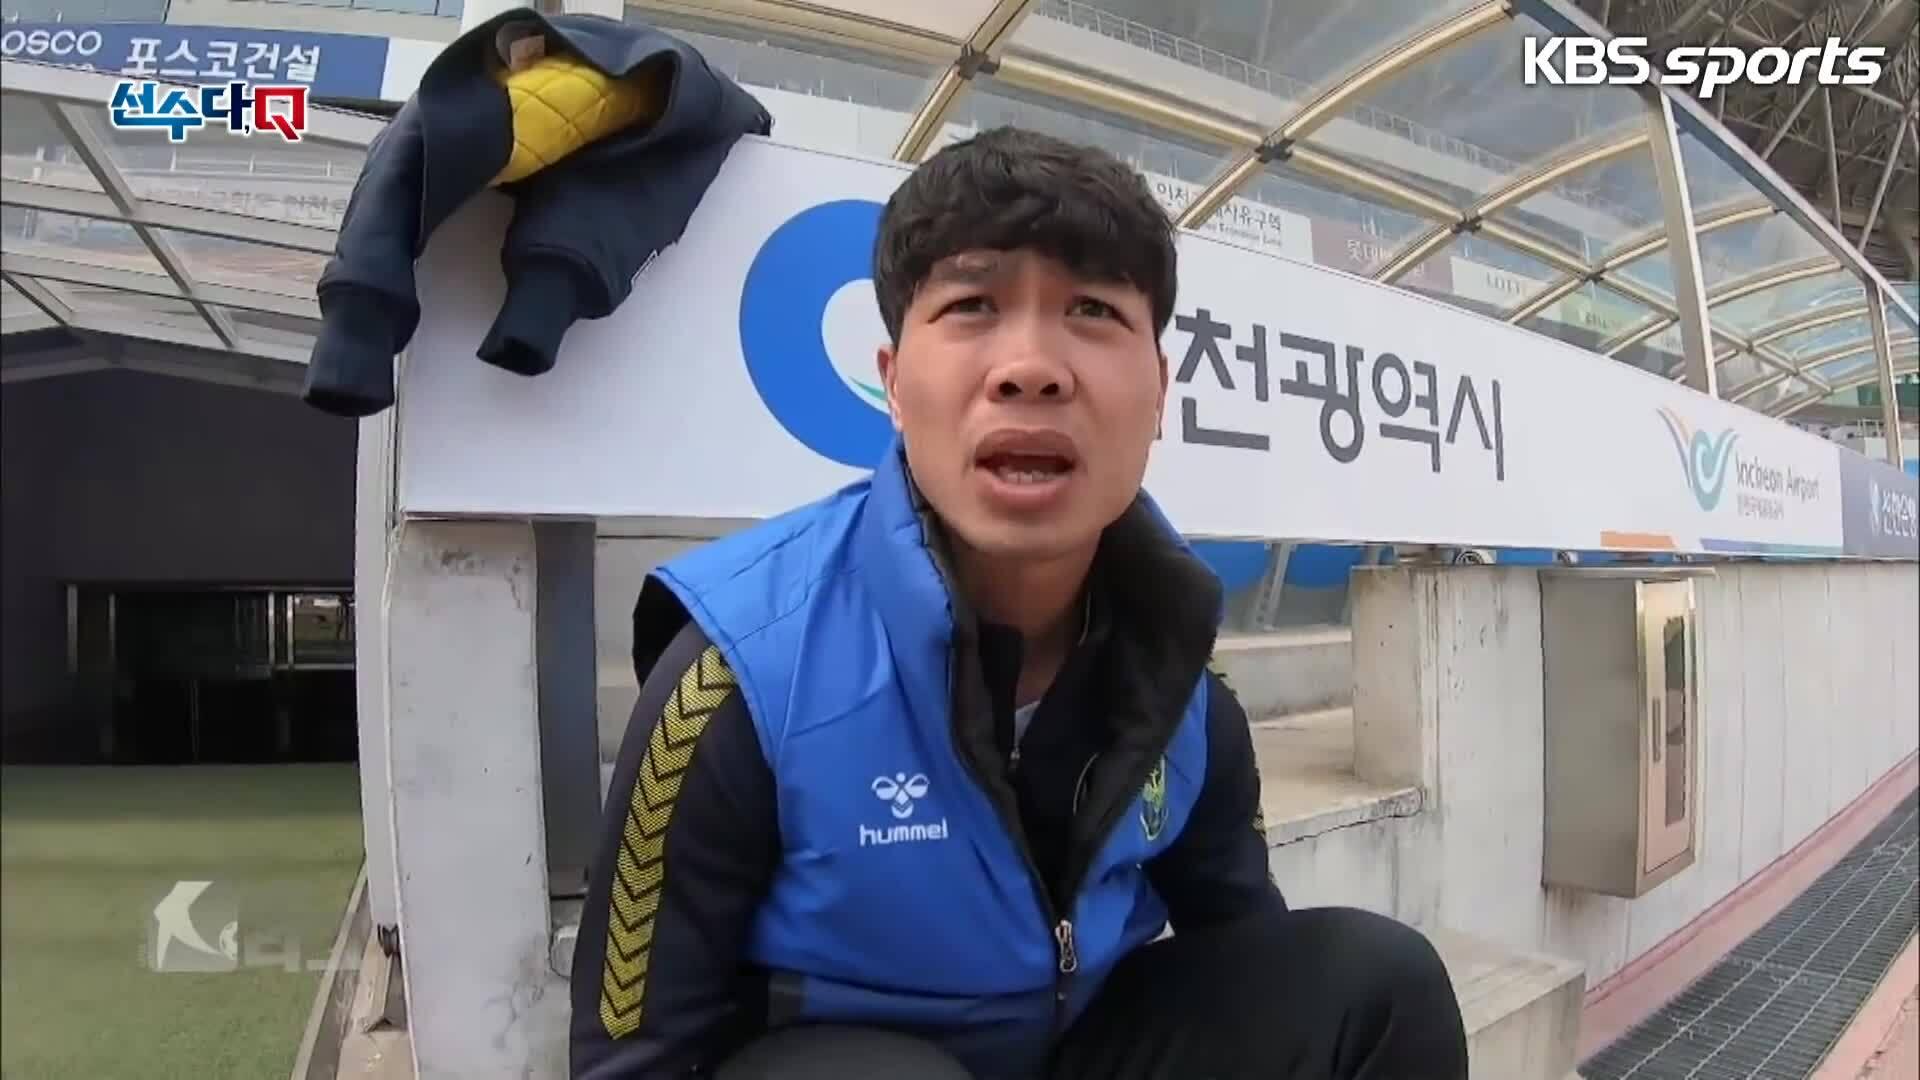 Công Phượng chia sẻcảm giác thi đấu tại K League 1 với KBS